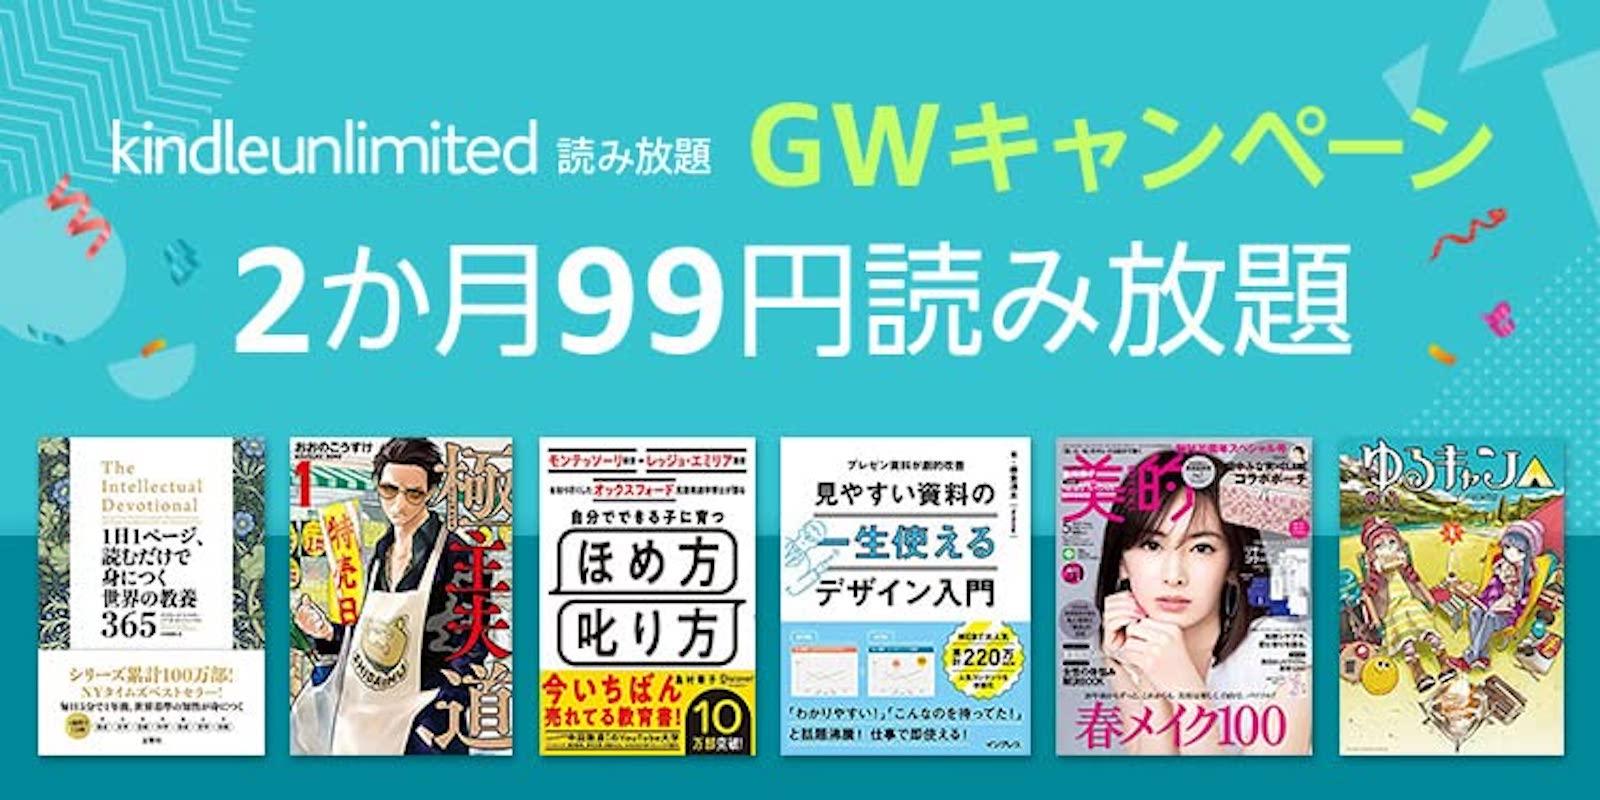 KU GW Campaign mobile gw 750x375 20210414